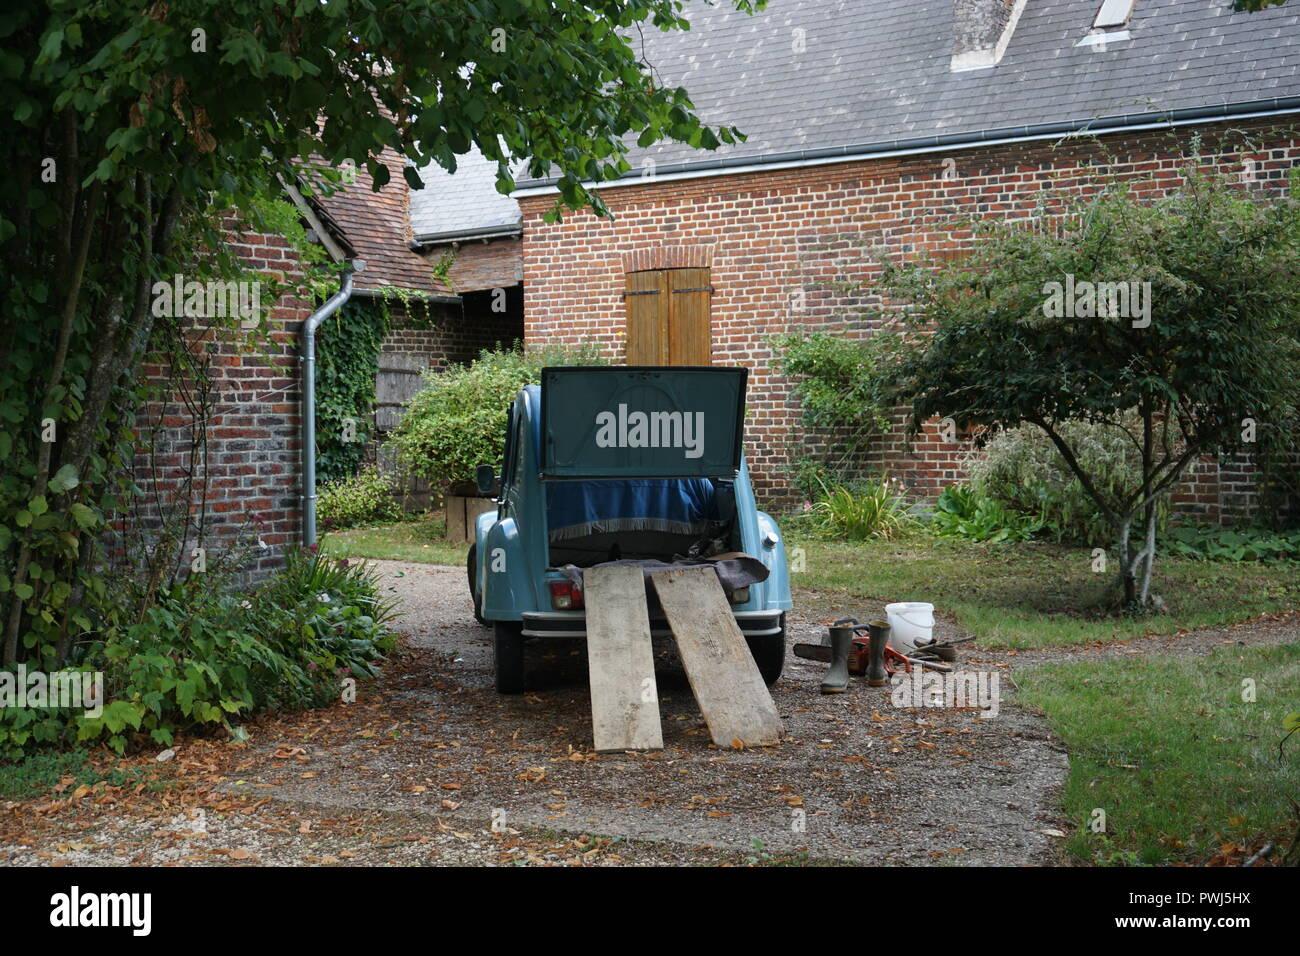 Giardino Di Una Casa blue 2cv parcheggiato nel giardino di una casa di campagna